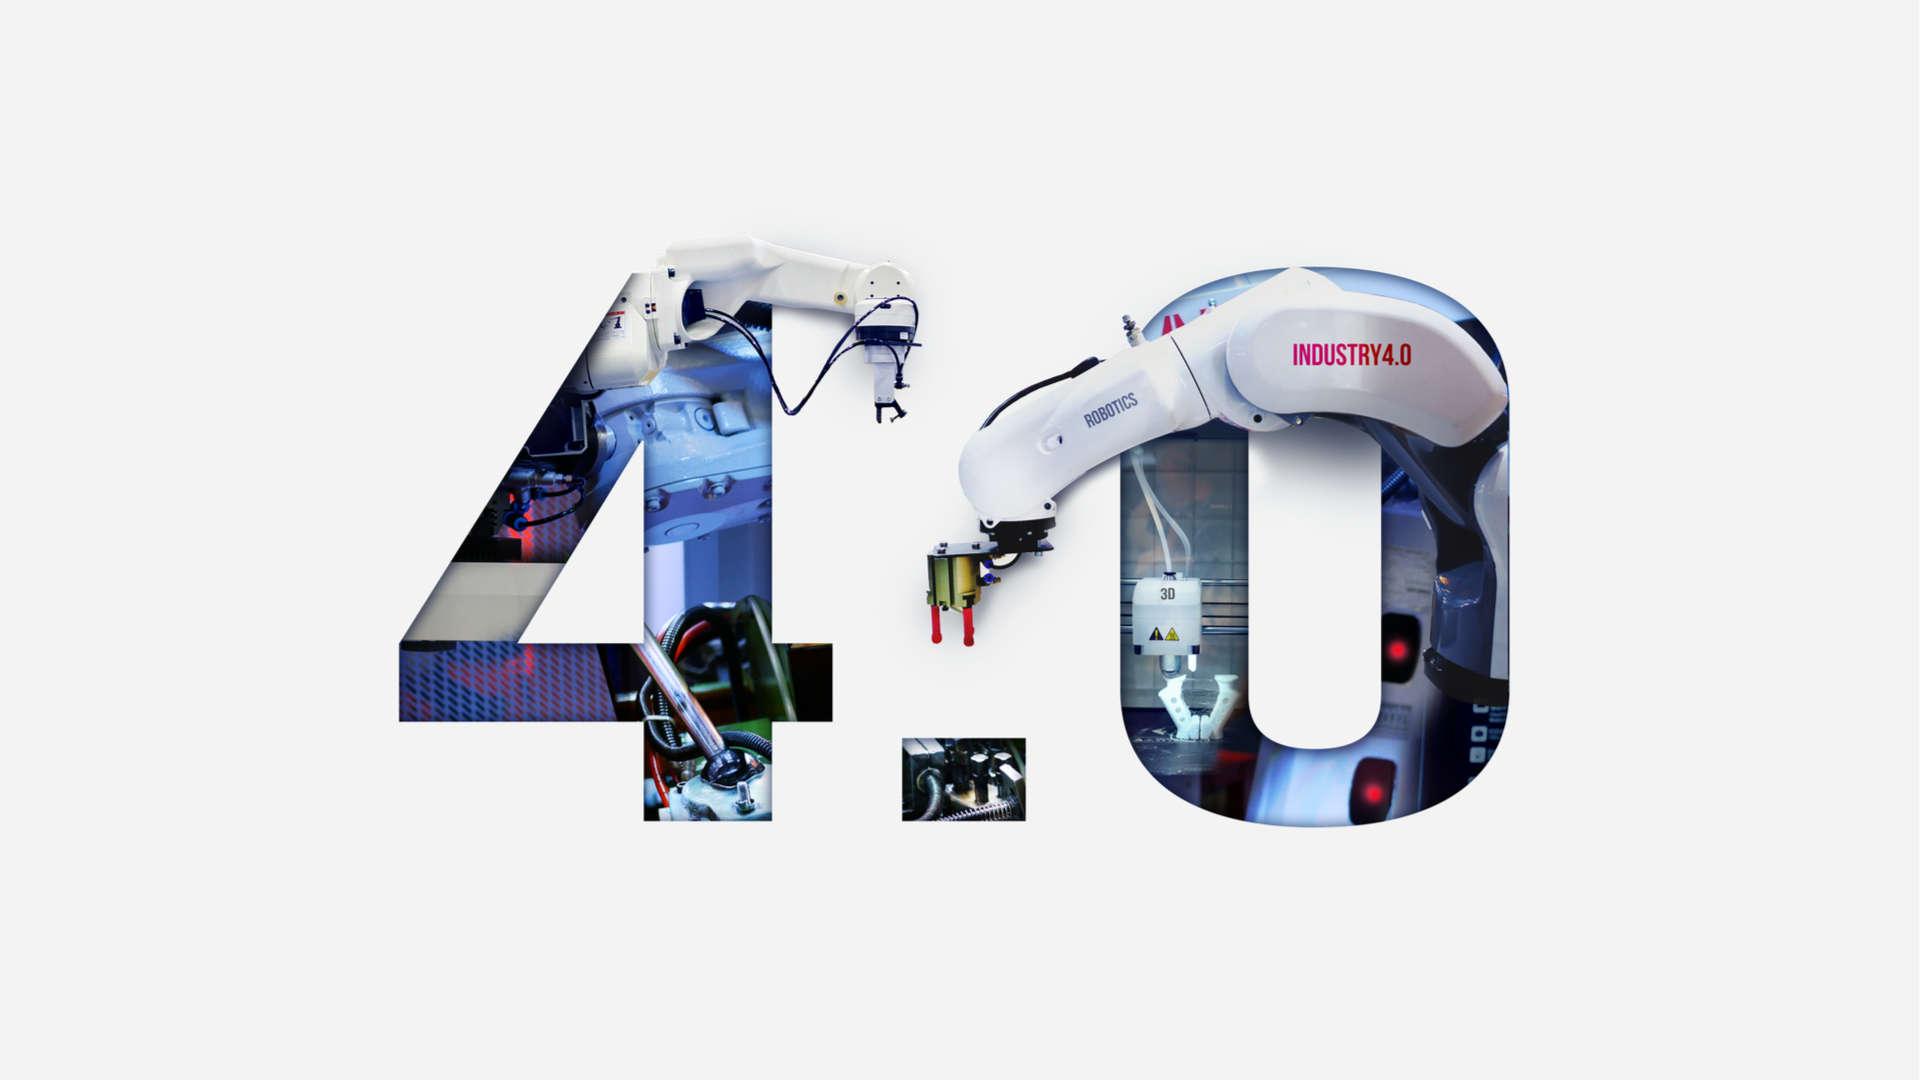 Gestire la manutenzione dei tuoi macchinari è un incubo? Non più grazie all'IoT.